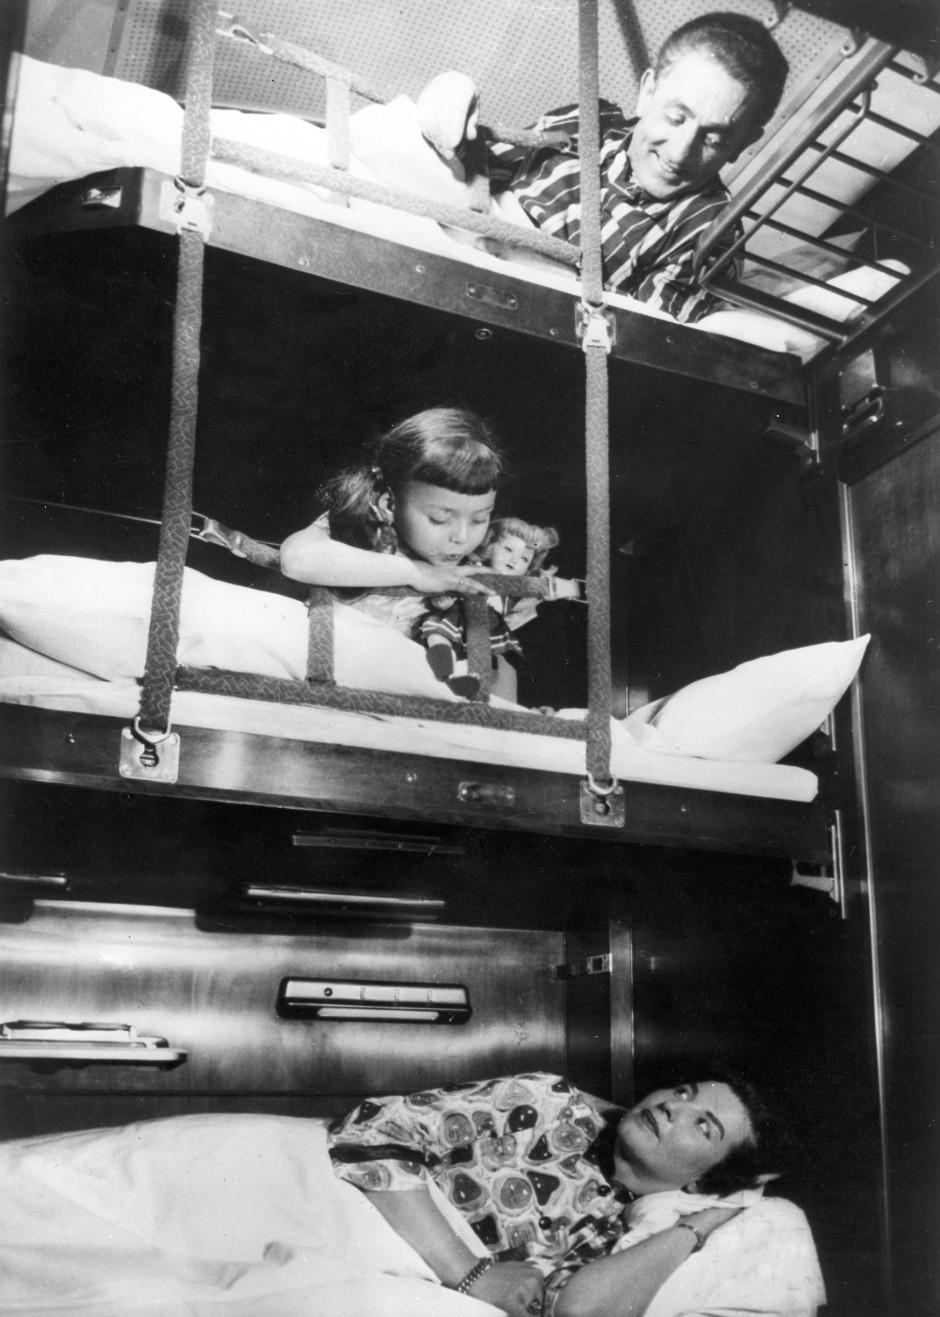 Gute Nacht, Mama: Schlafwagen der Bundesbahn in den 50er-Jahren